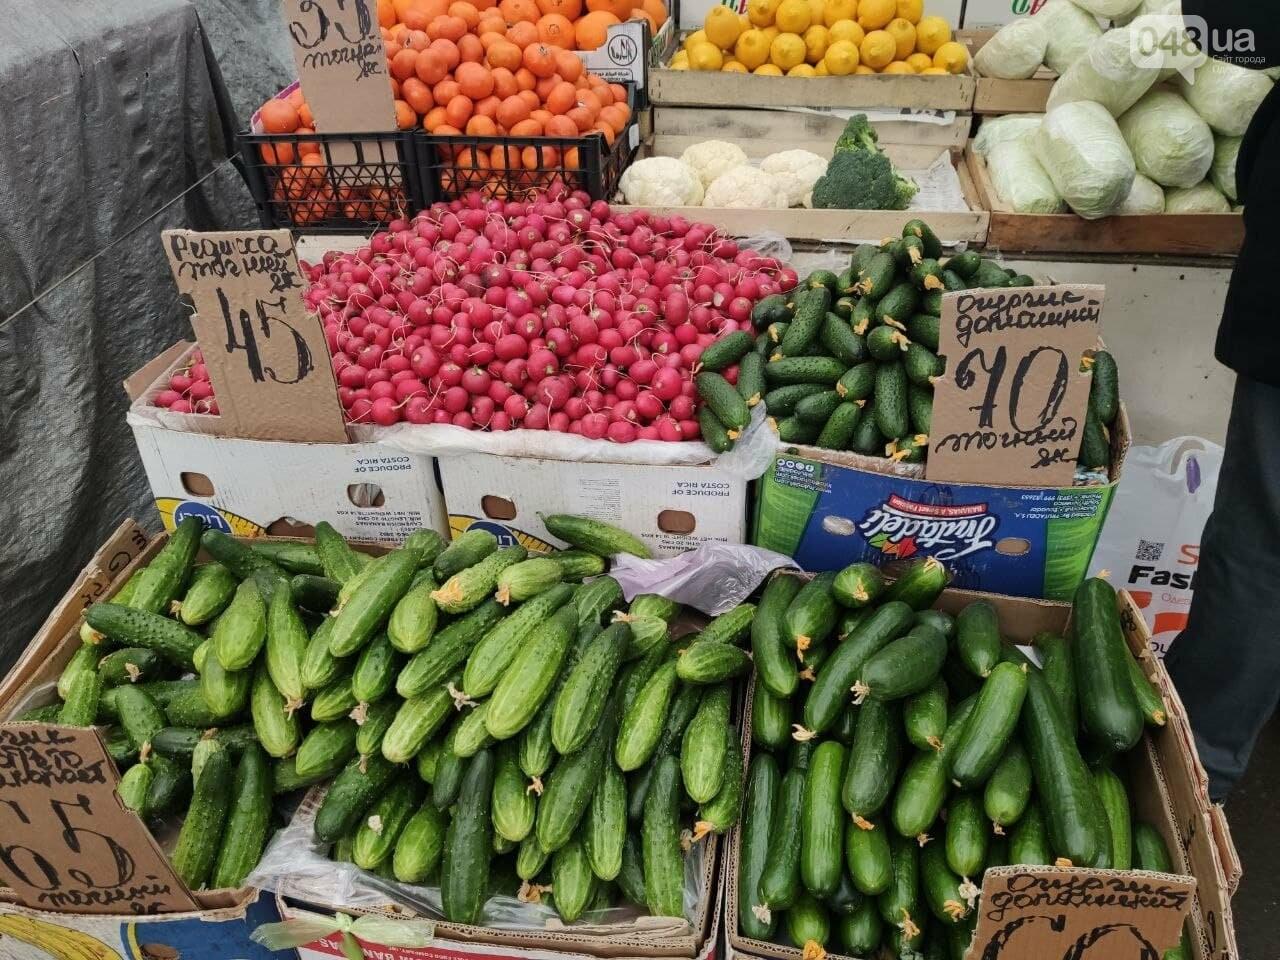 Ананас, грейпфрут, кабачки: почем на одесском Привозе овощи и фрукты, - ФОТО, фото-1